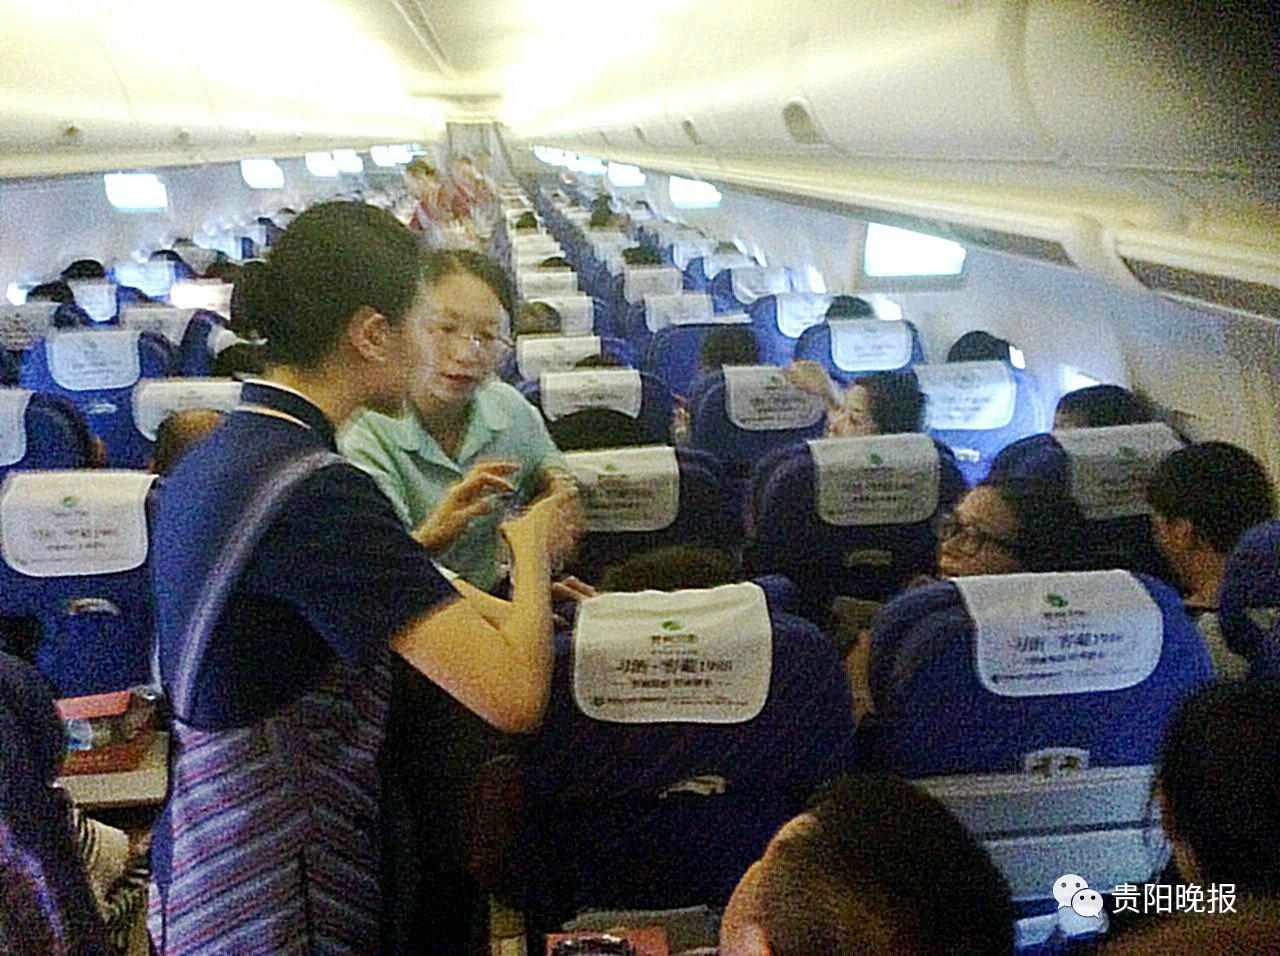 飞往贵阳的航班上,女子突然狂吐不止大小便失禁!